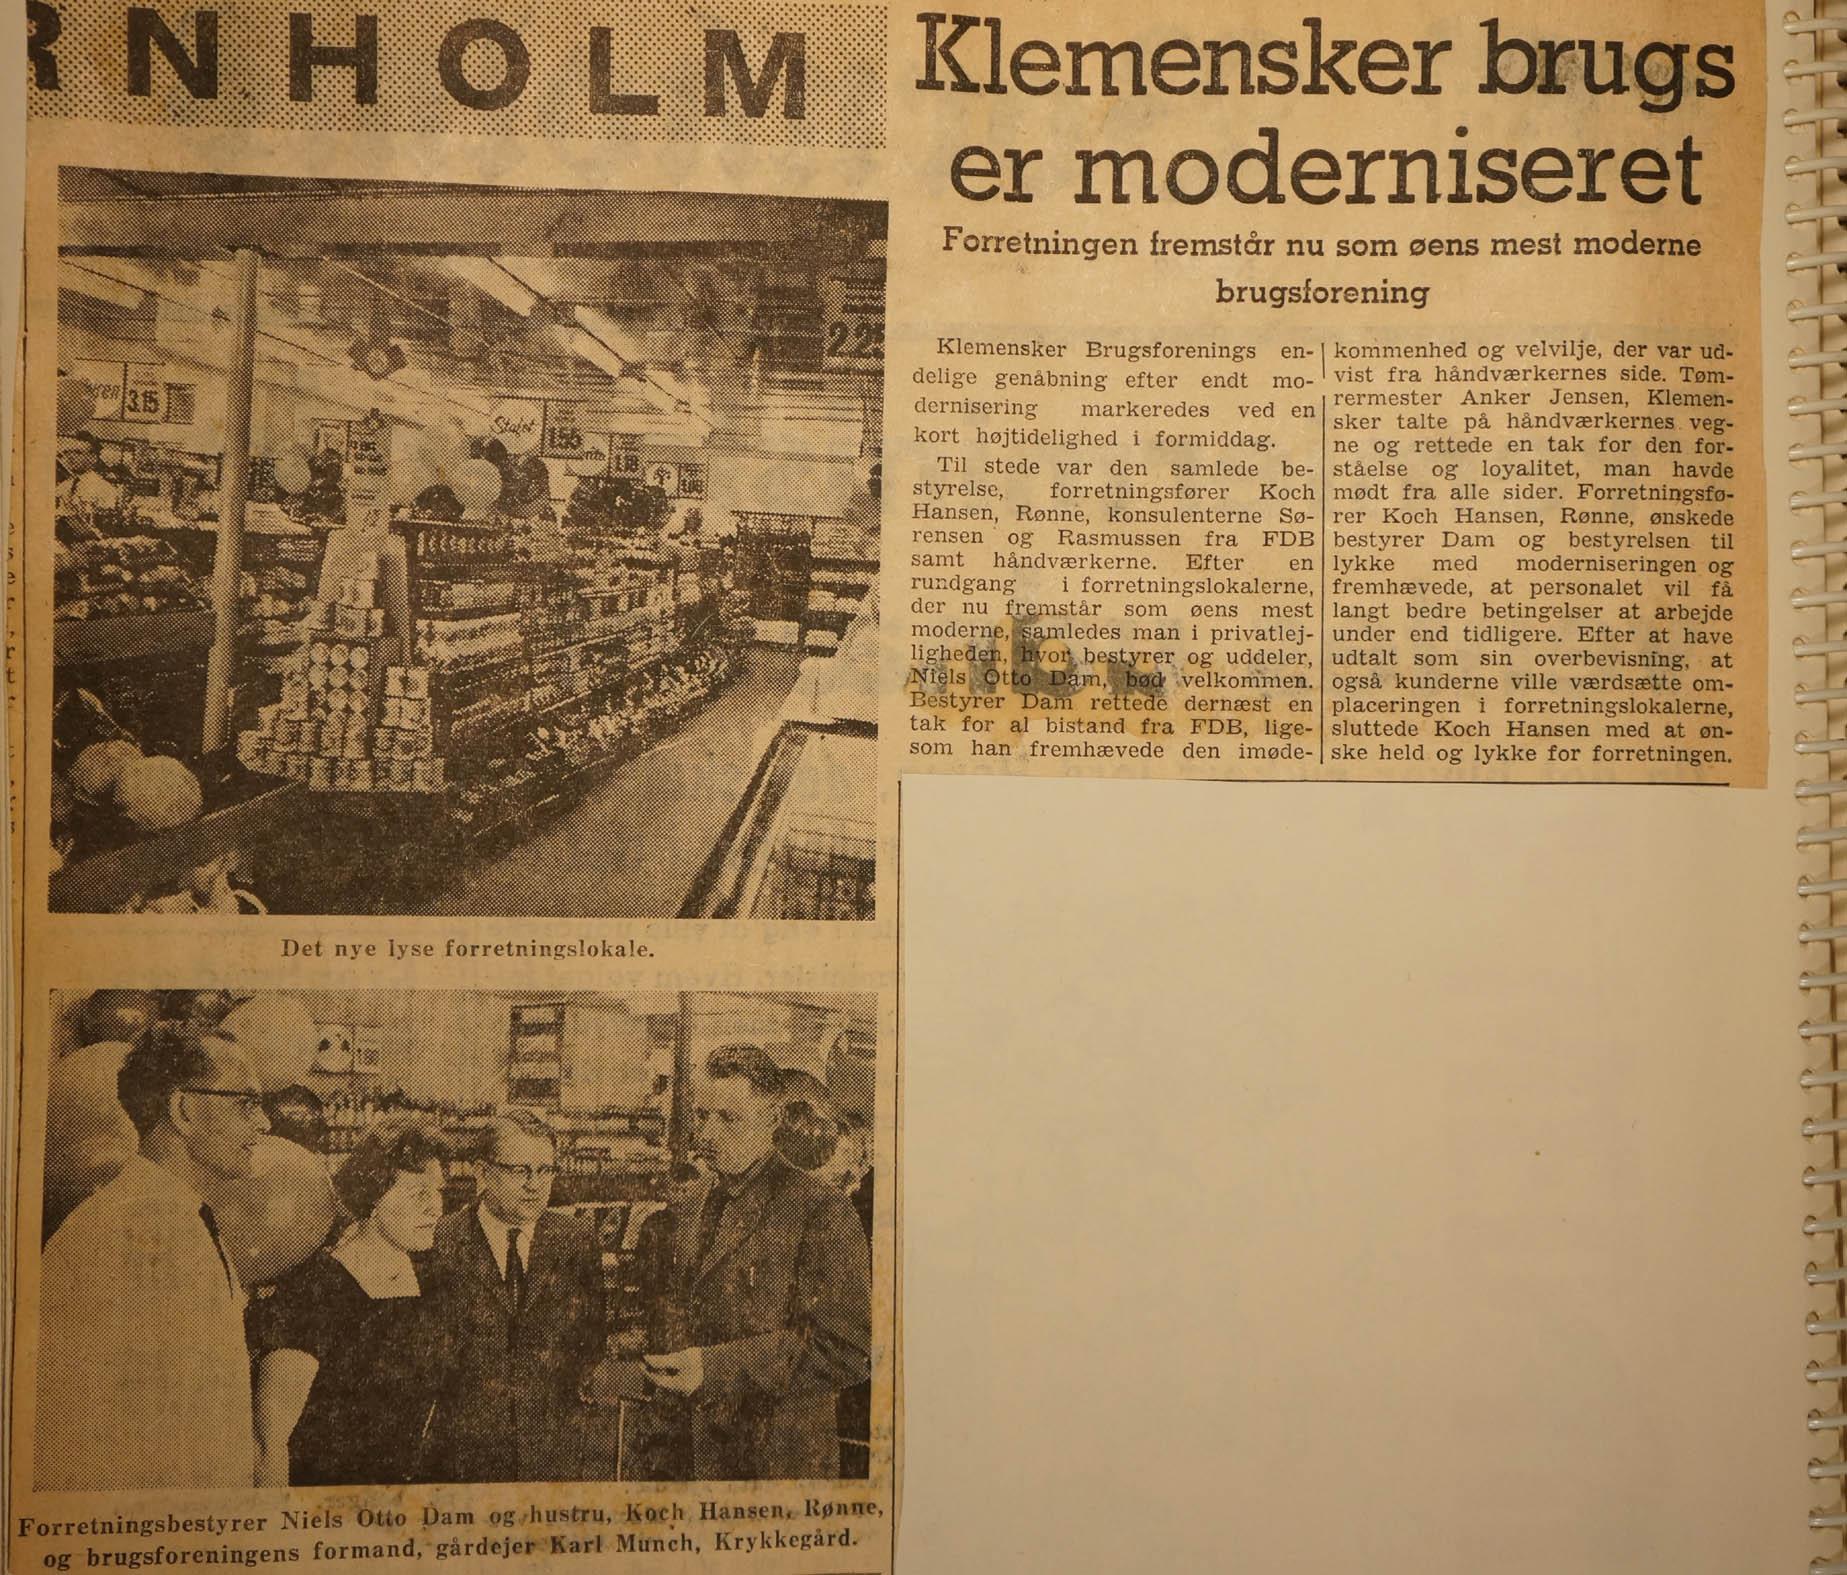 klemensker-brugs-i-bornholms-tidende-18-oktober-1963